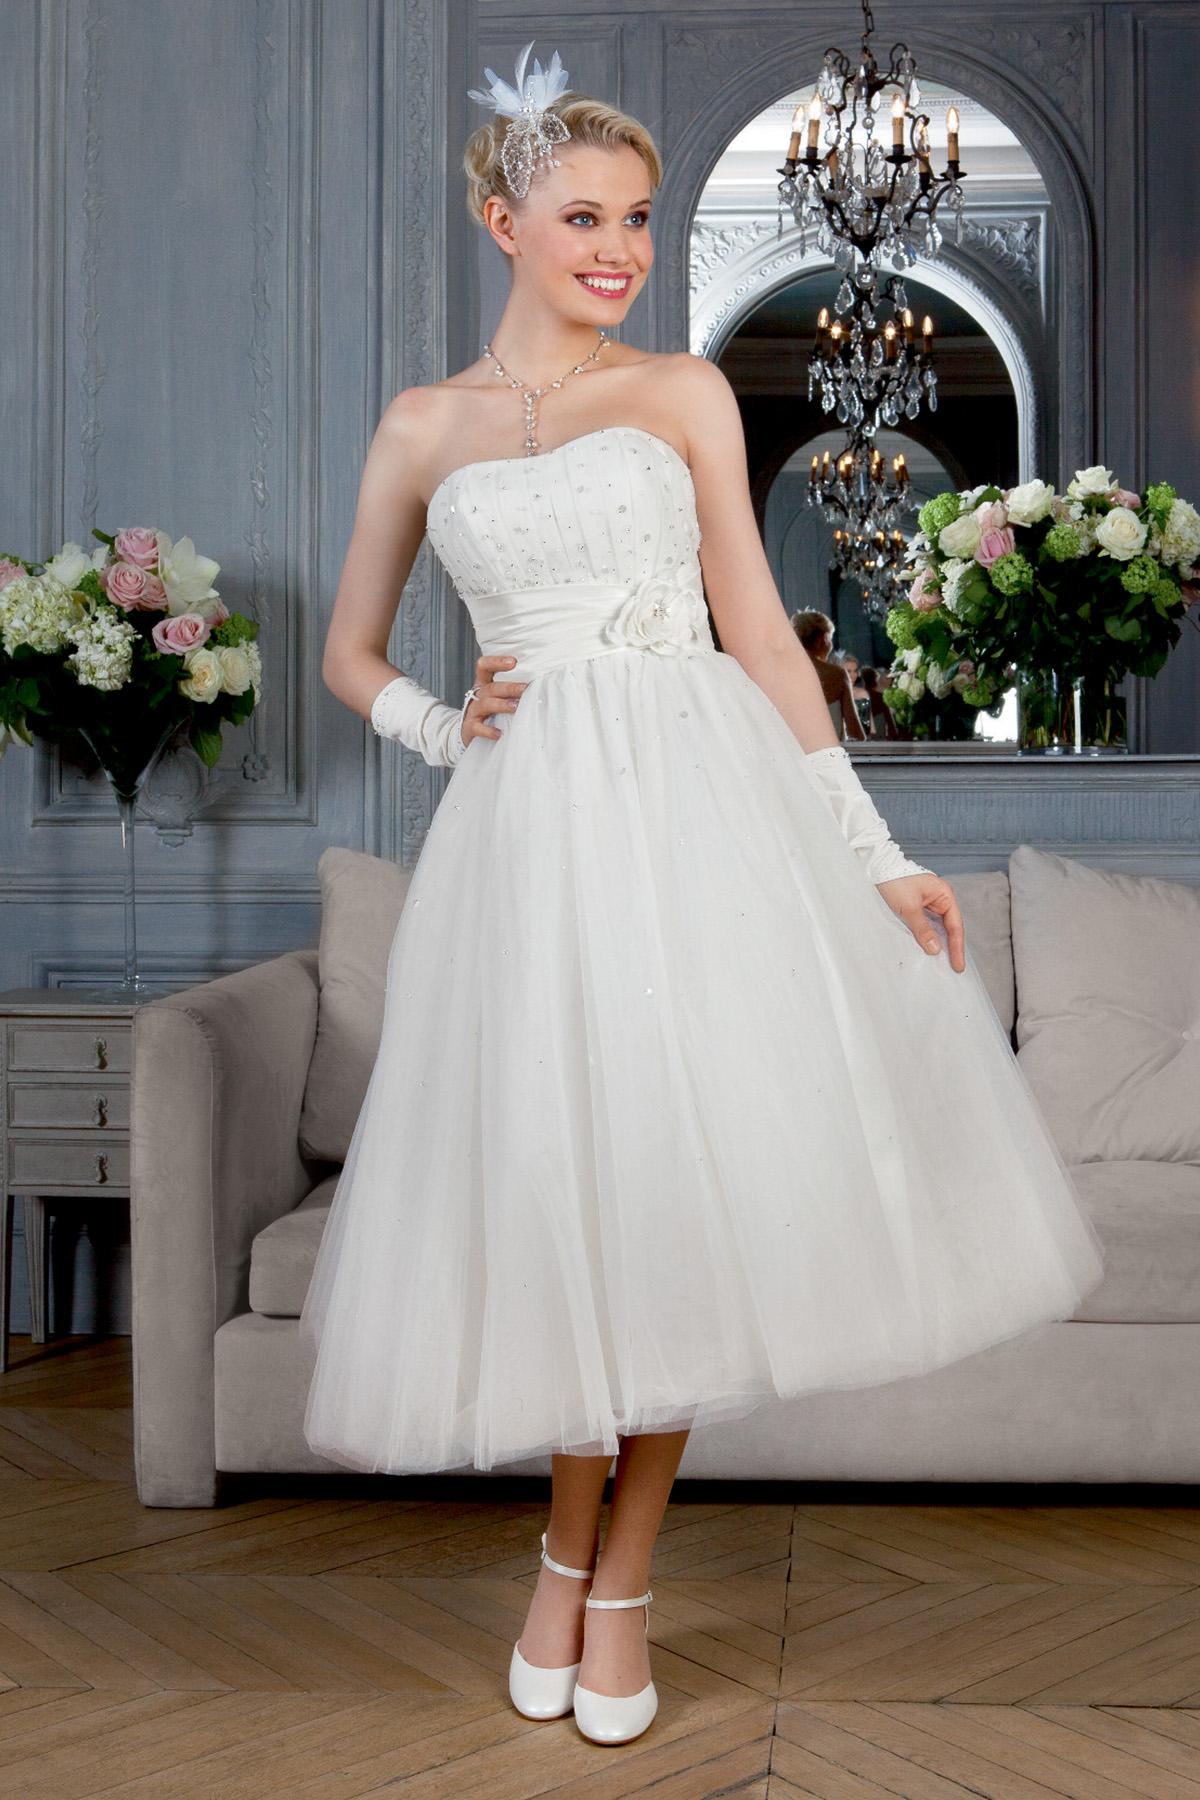 Apprivoiser la robe blanche quand on est toujours habillée en noir